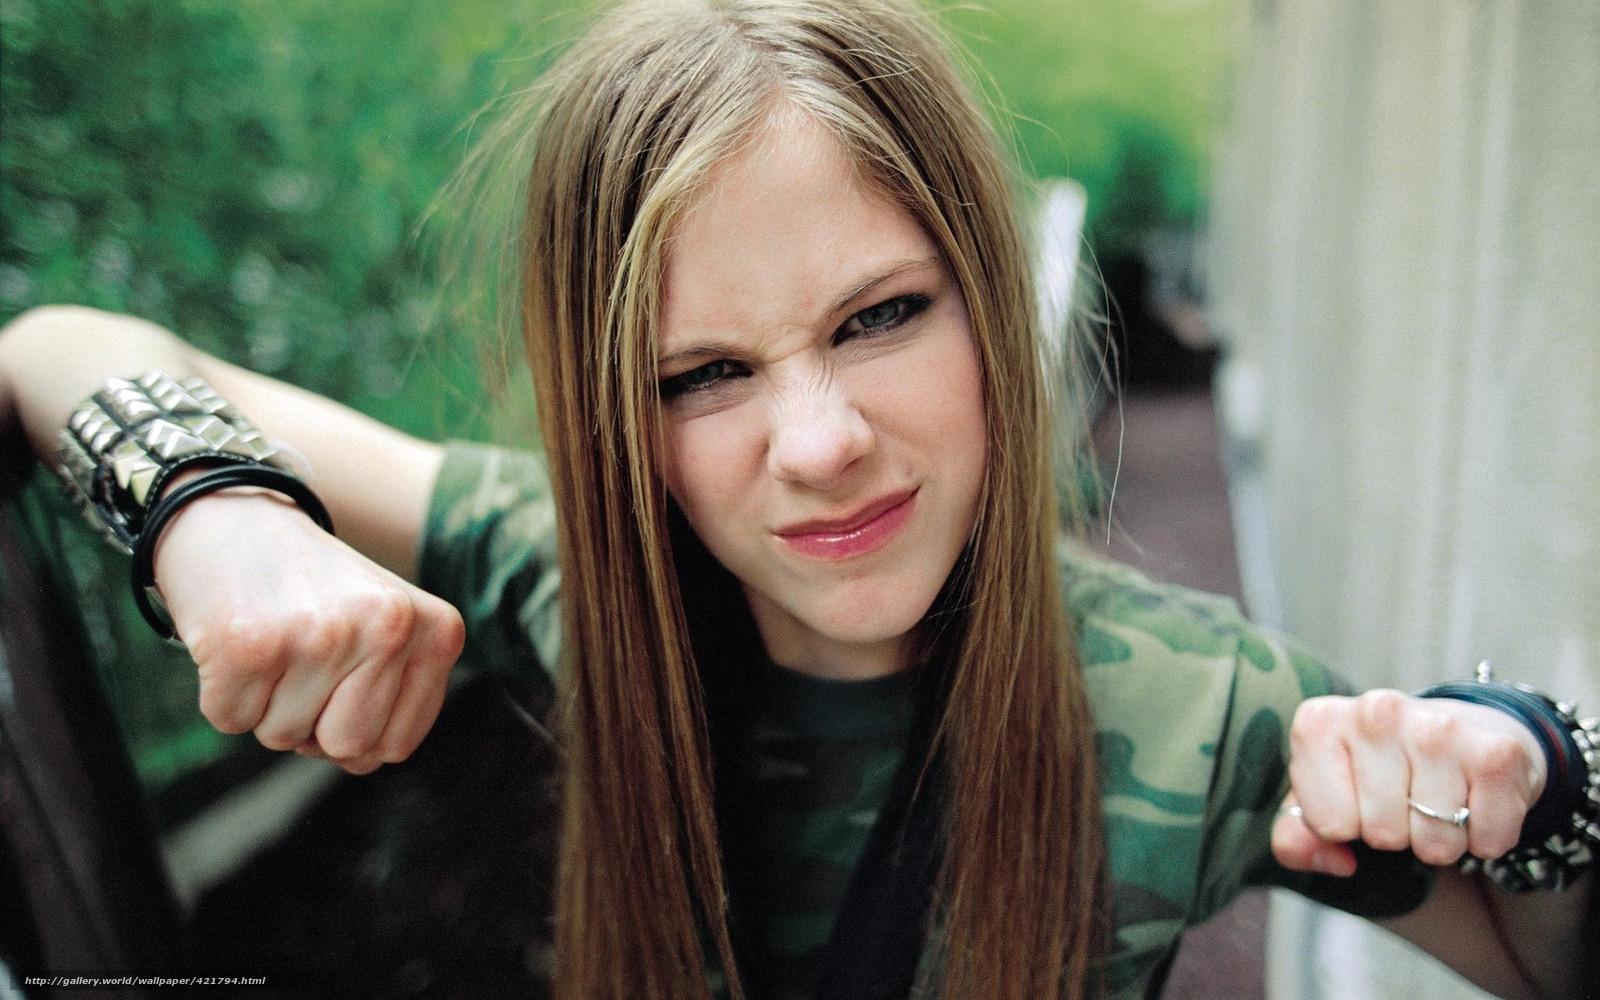 Фото как девушка покажет кулак 4 фотография